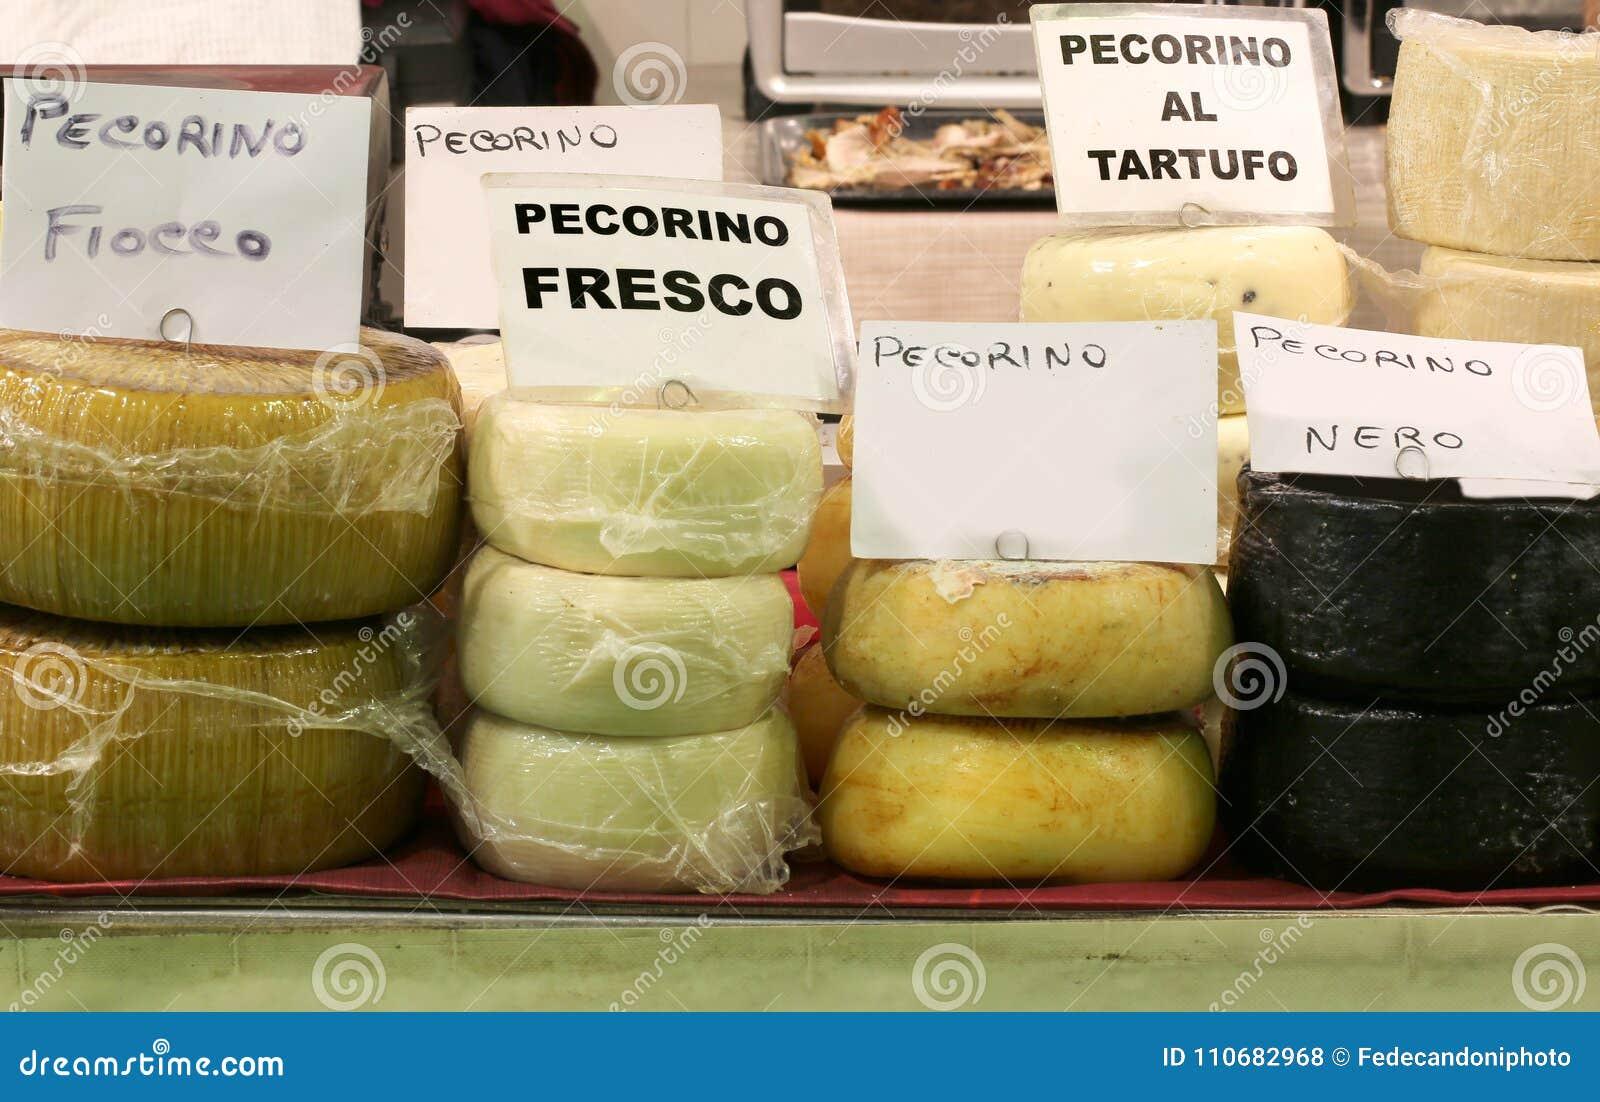 O queijo italiano gosta do FRESCO de PECORINO que significa o queijo feito com